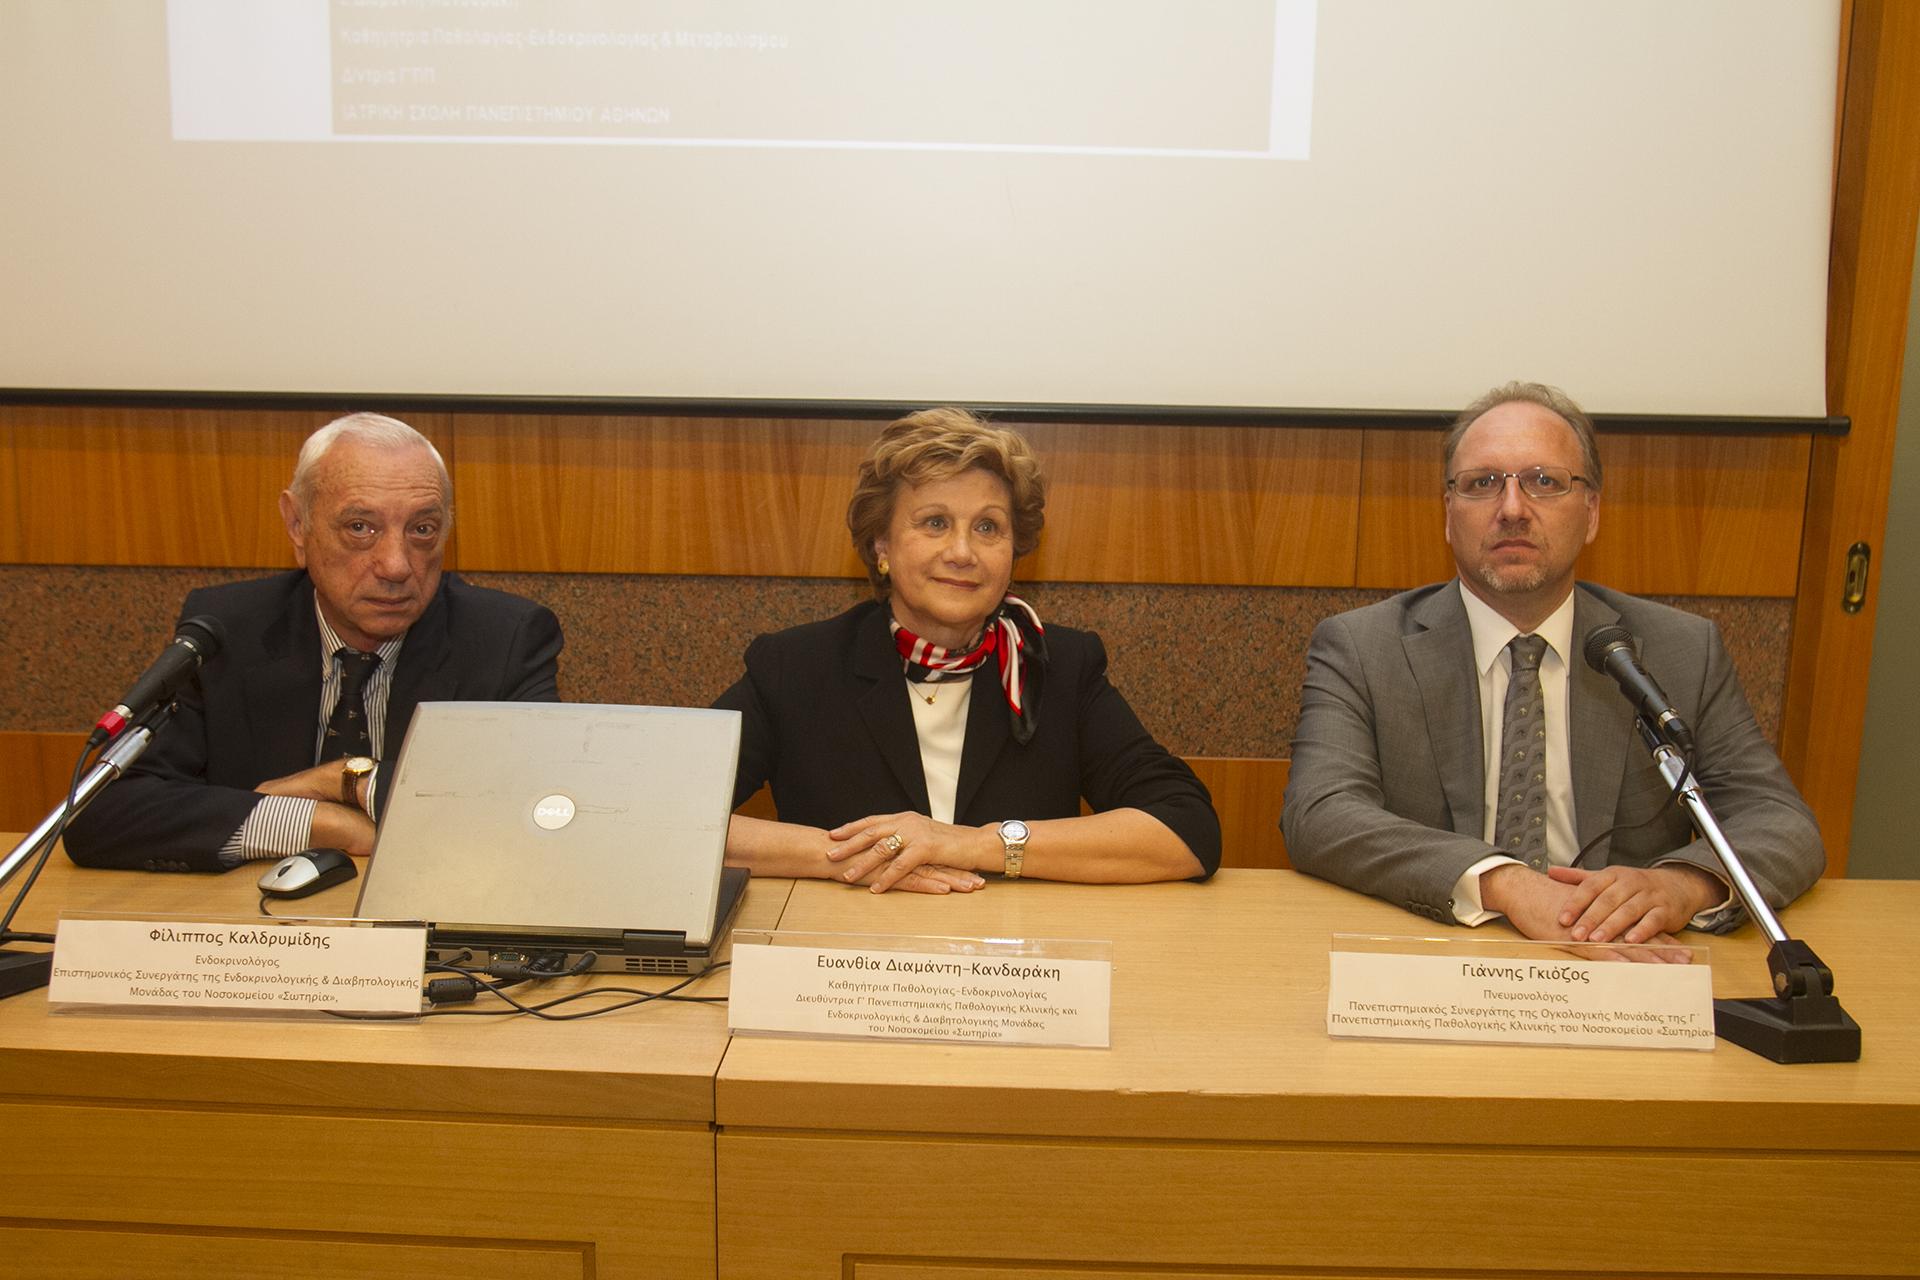 Έναρξη λειτουργίας του πρώτου Πολυδύναμου Ιατρείου Νευροενδοκρινών Όγκων στην Ελλάδα